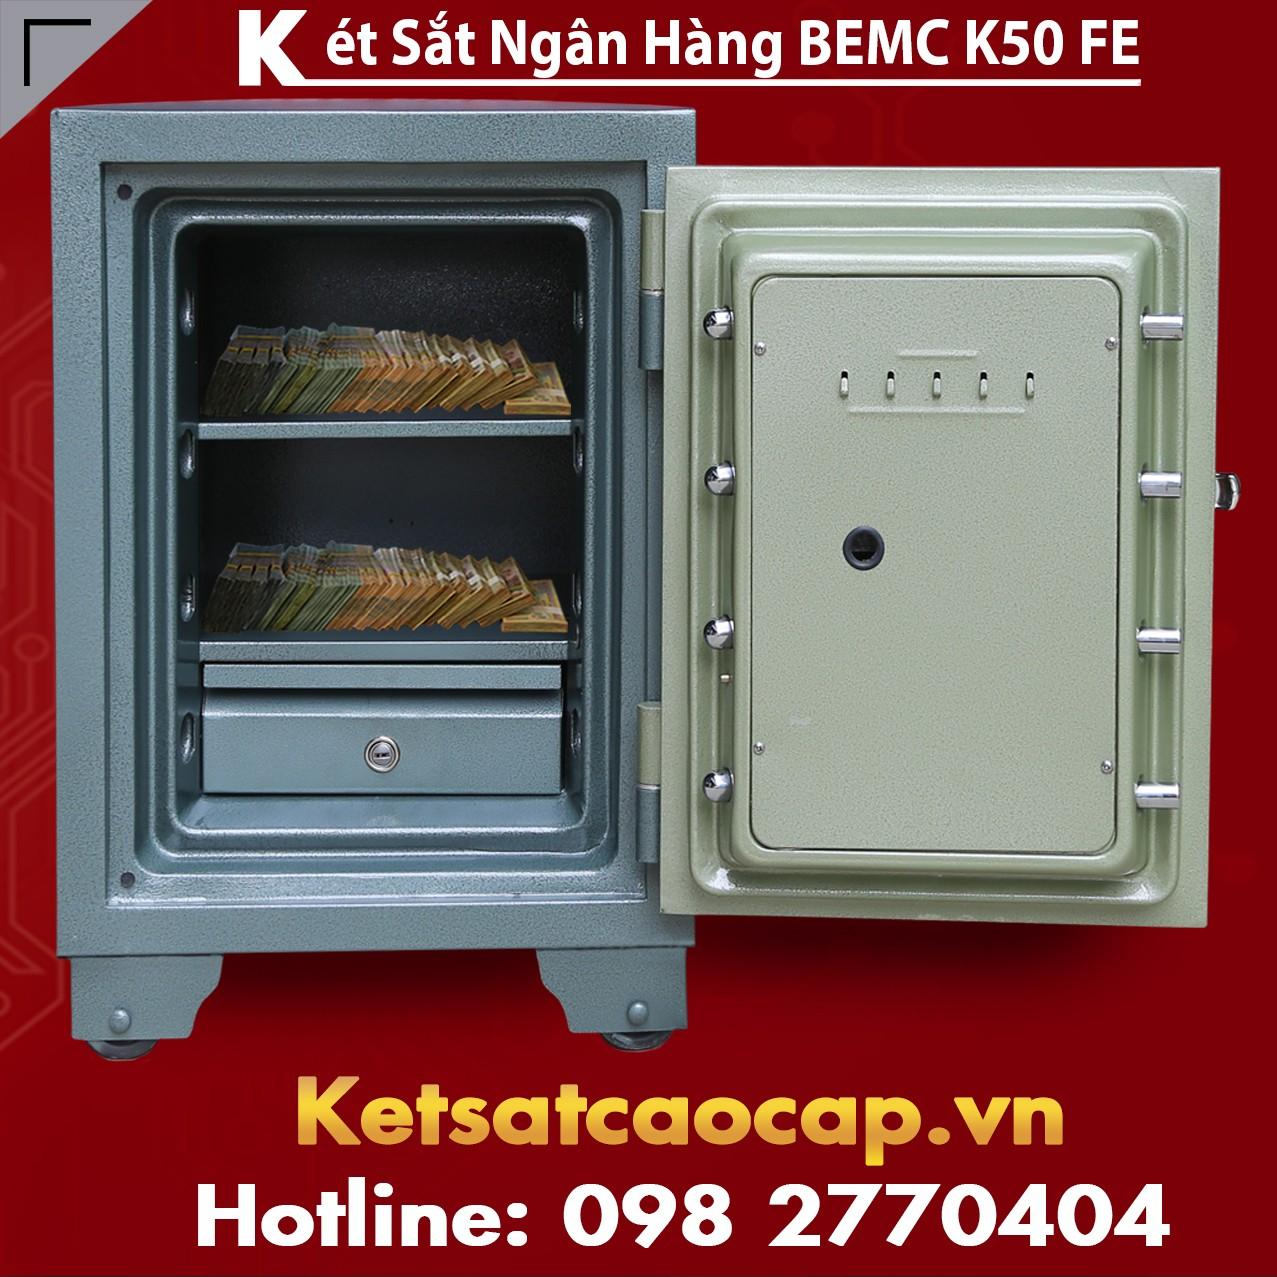 Két Sắt Vân Tay Điện Tử Hàn Quốc BEMC K50 FE SX Dây Chuyền Hiện Đại